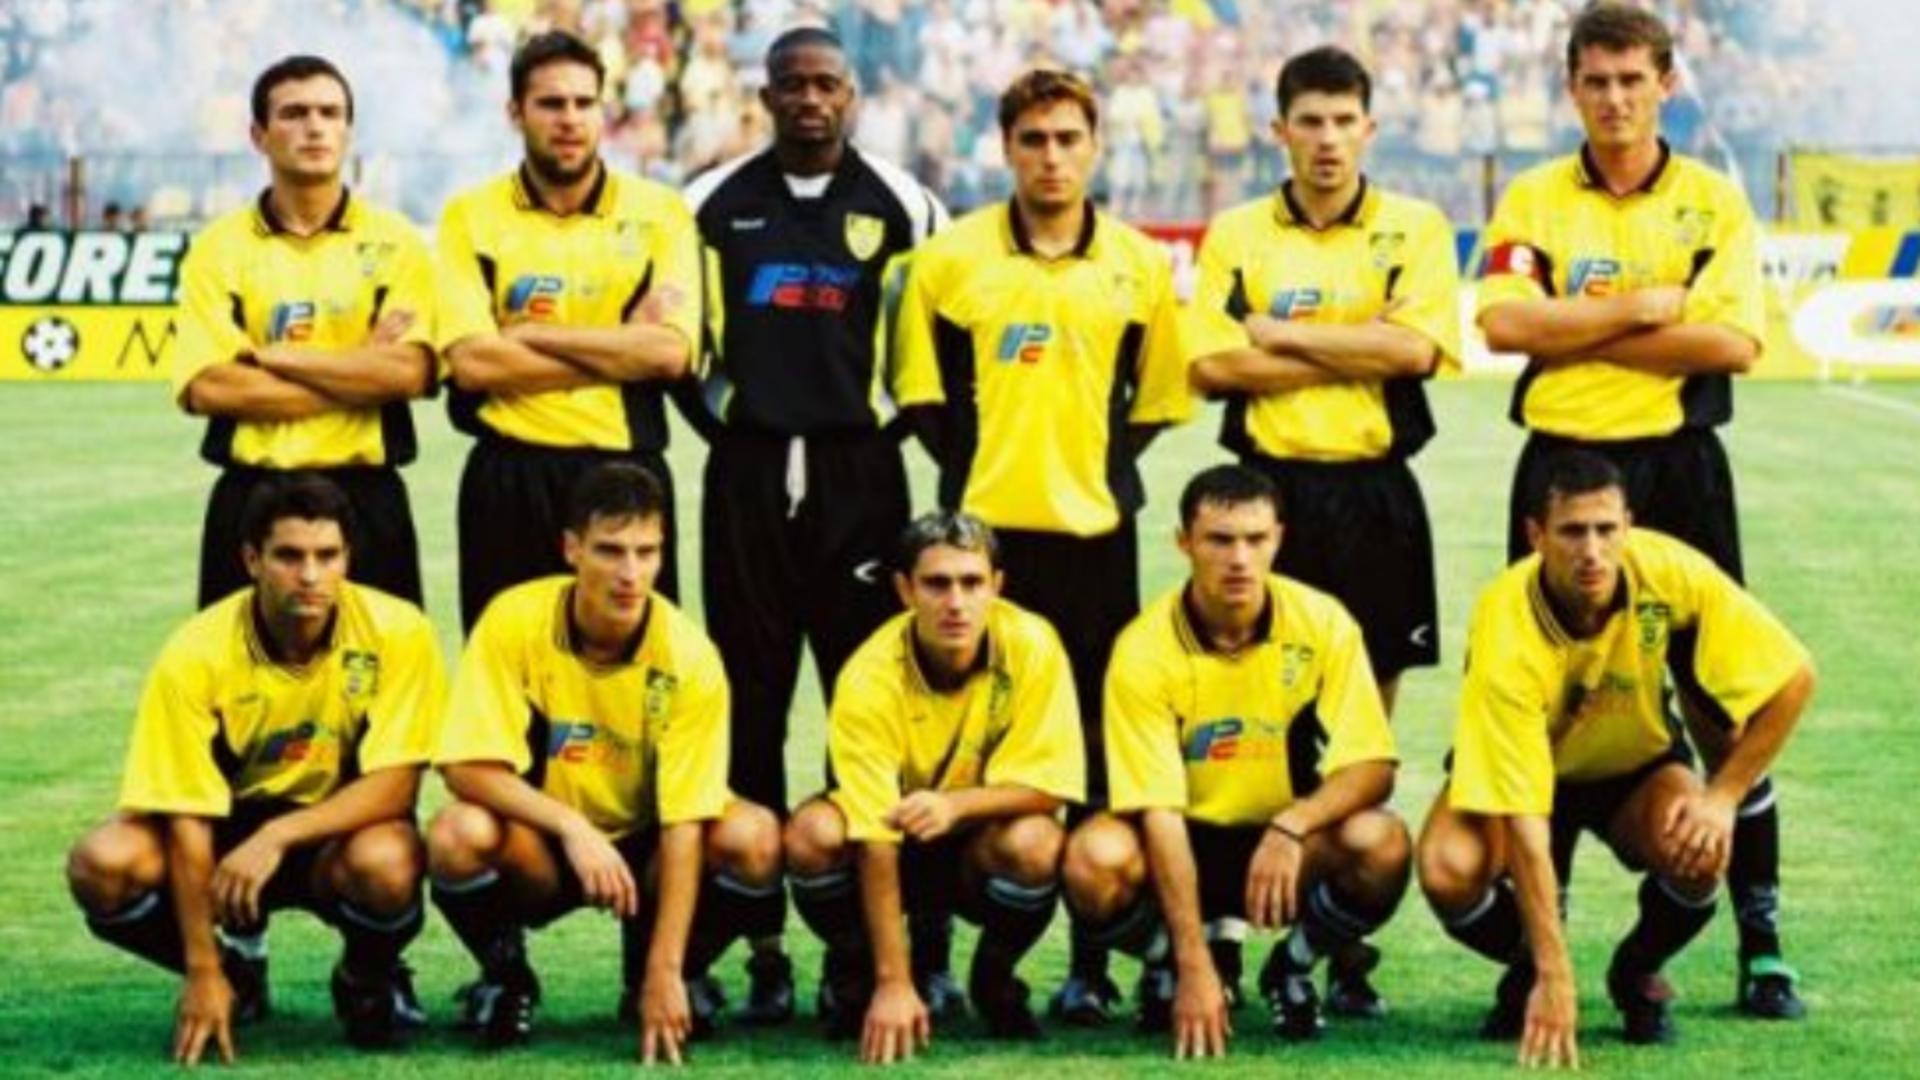 FC Brasov 2001